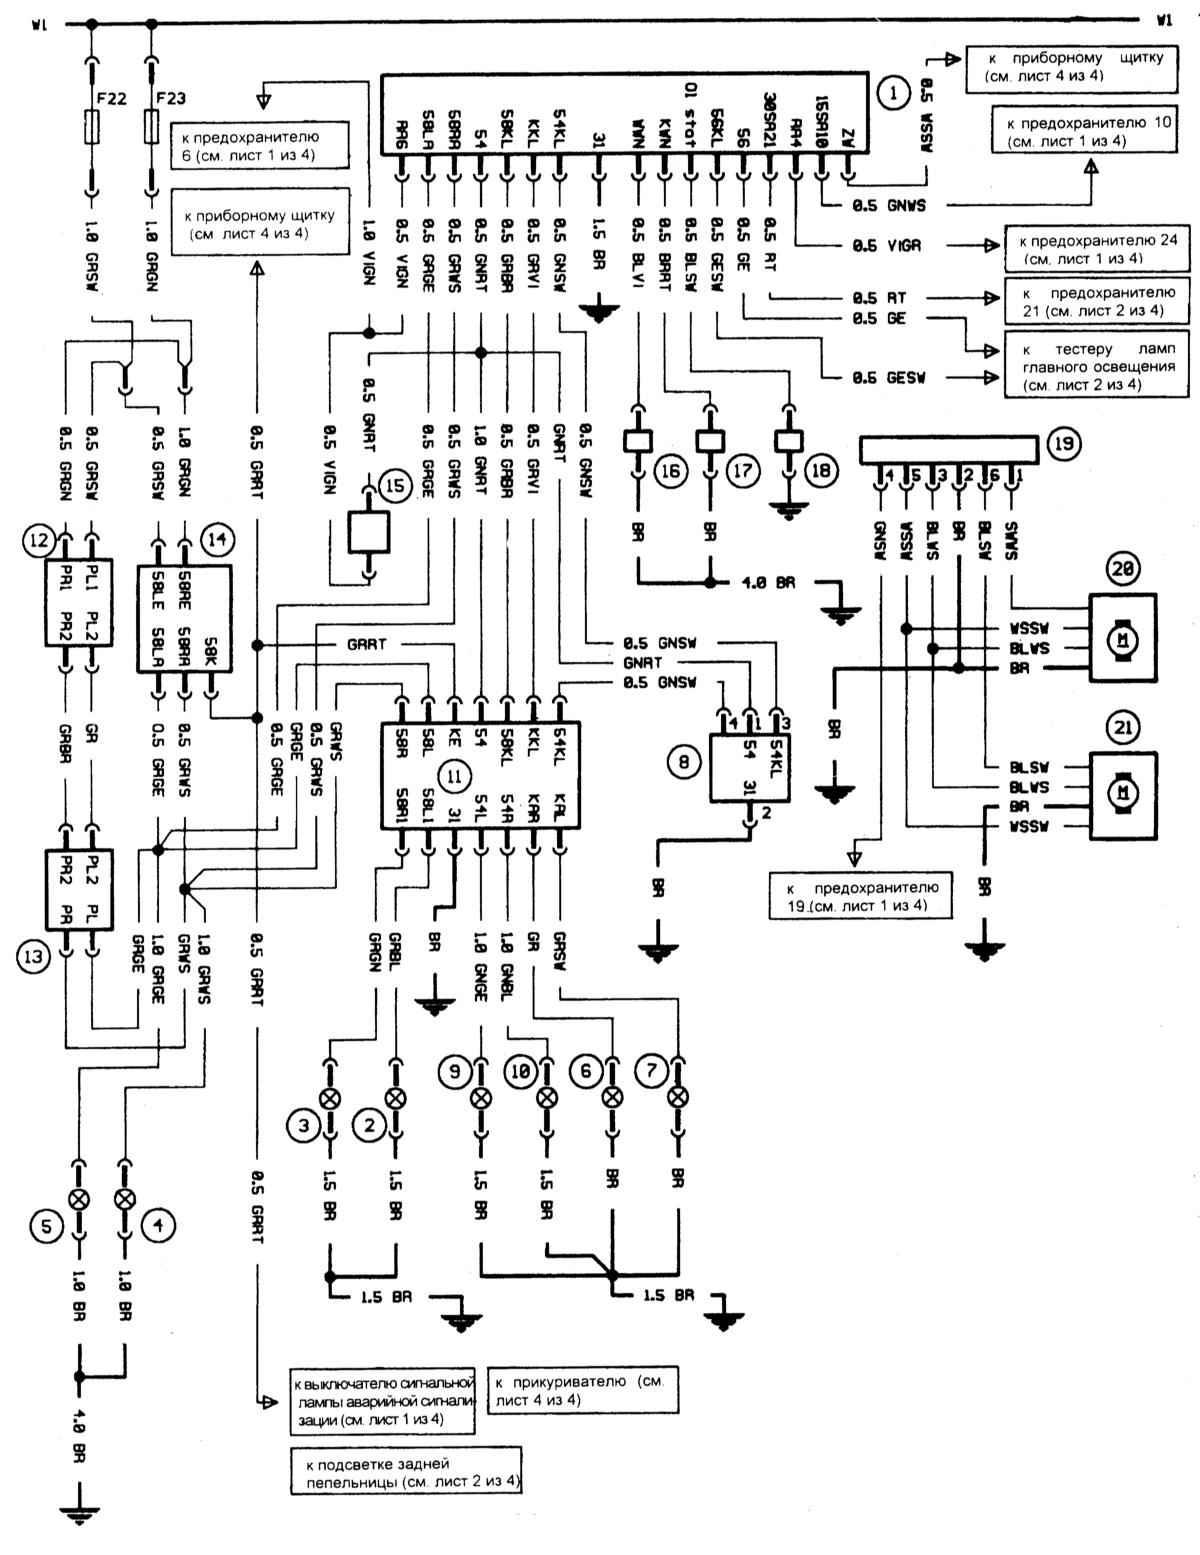 Схема преобразователя напряжения с 12 Вольт на 220 Вольт Электрическая схема.